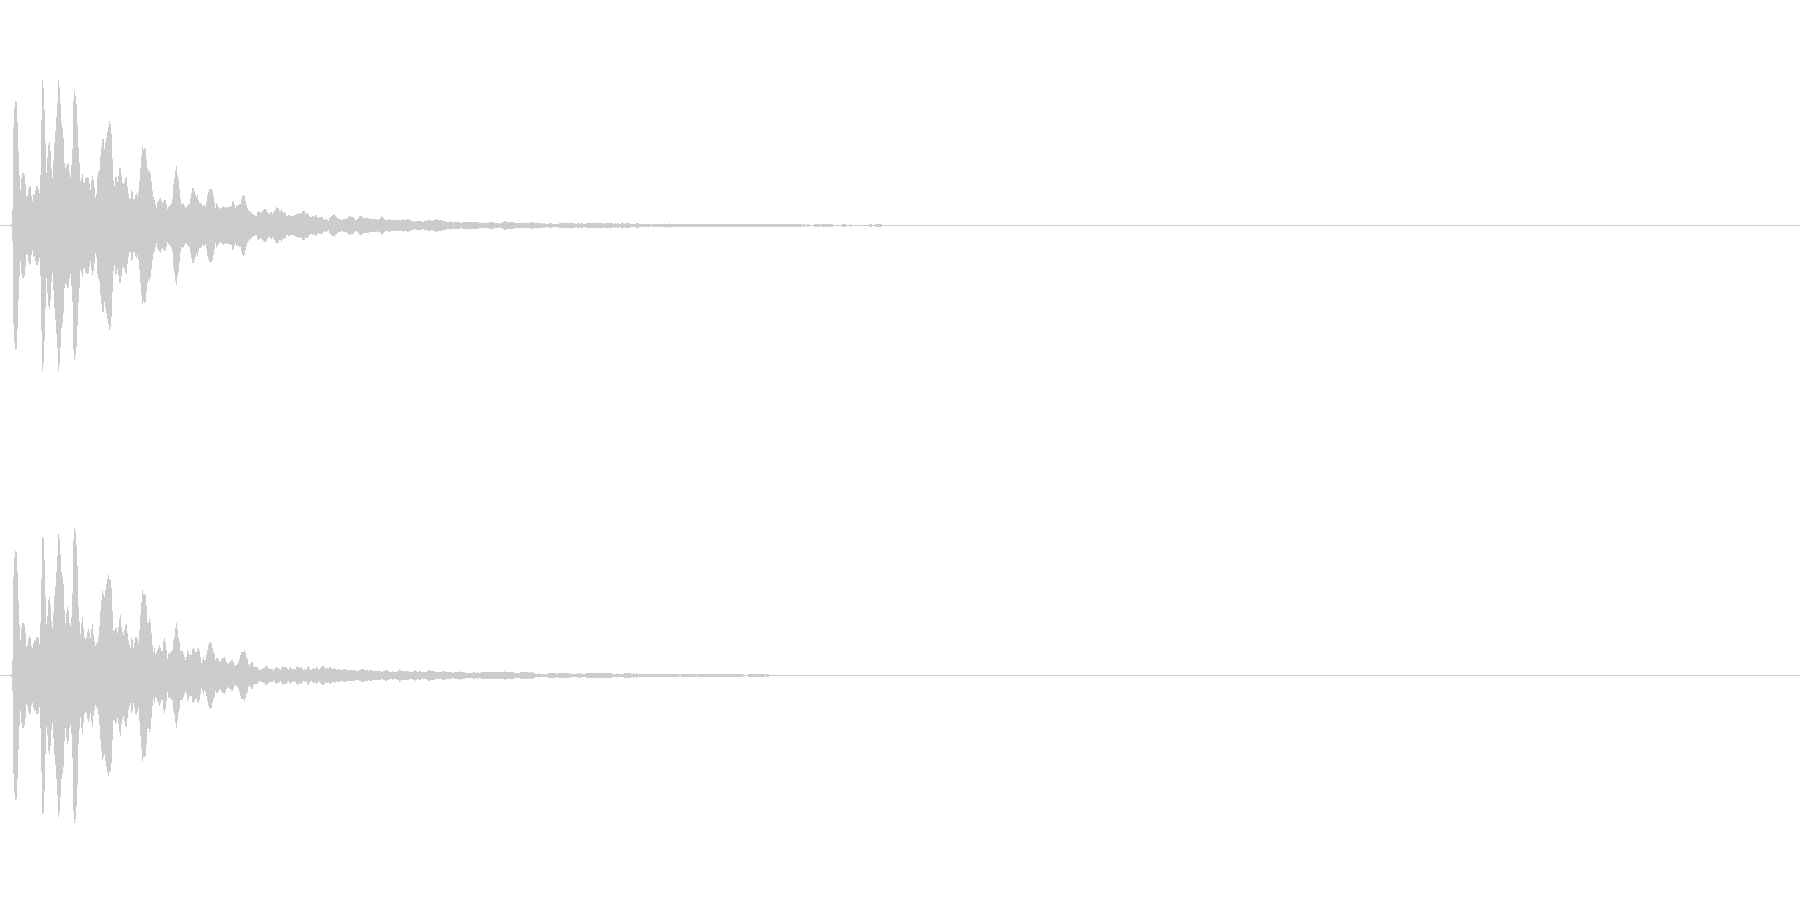 流れ星・星のきらめき音(音程低め)の未再生の波形